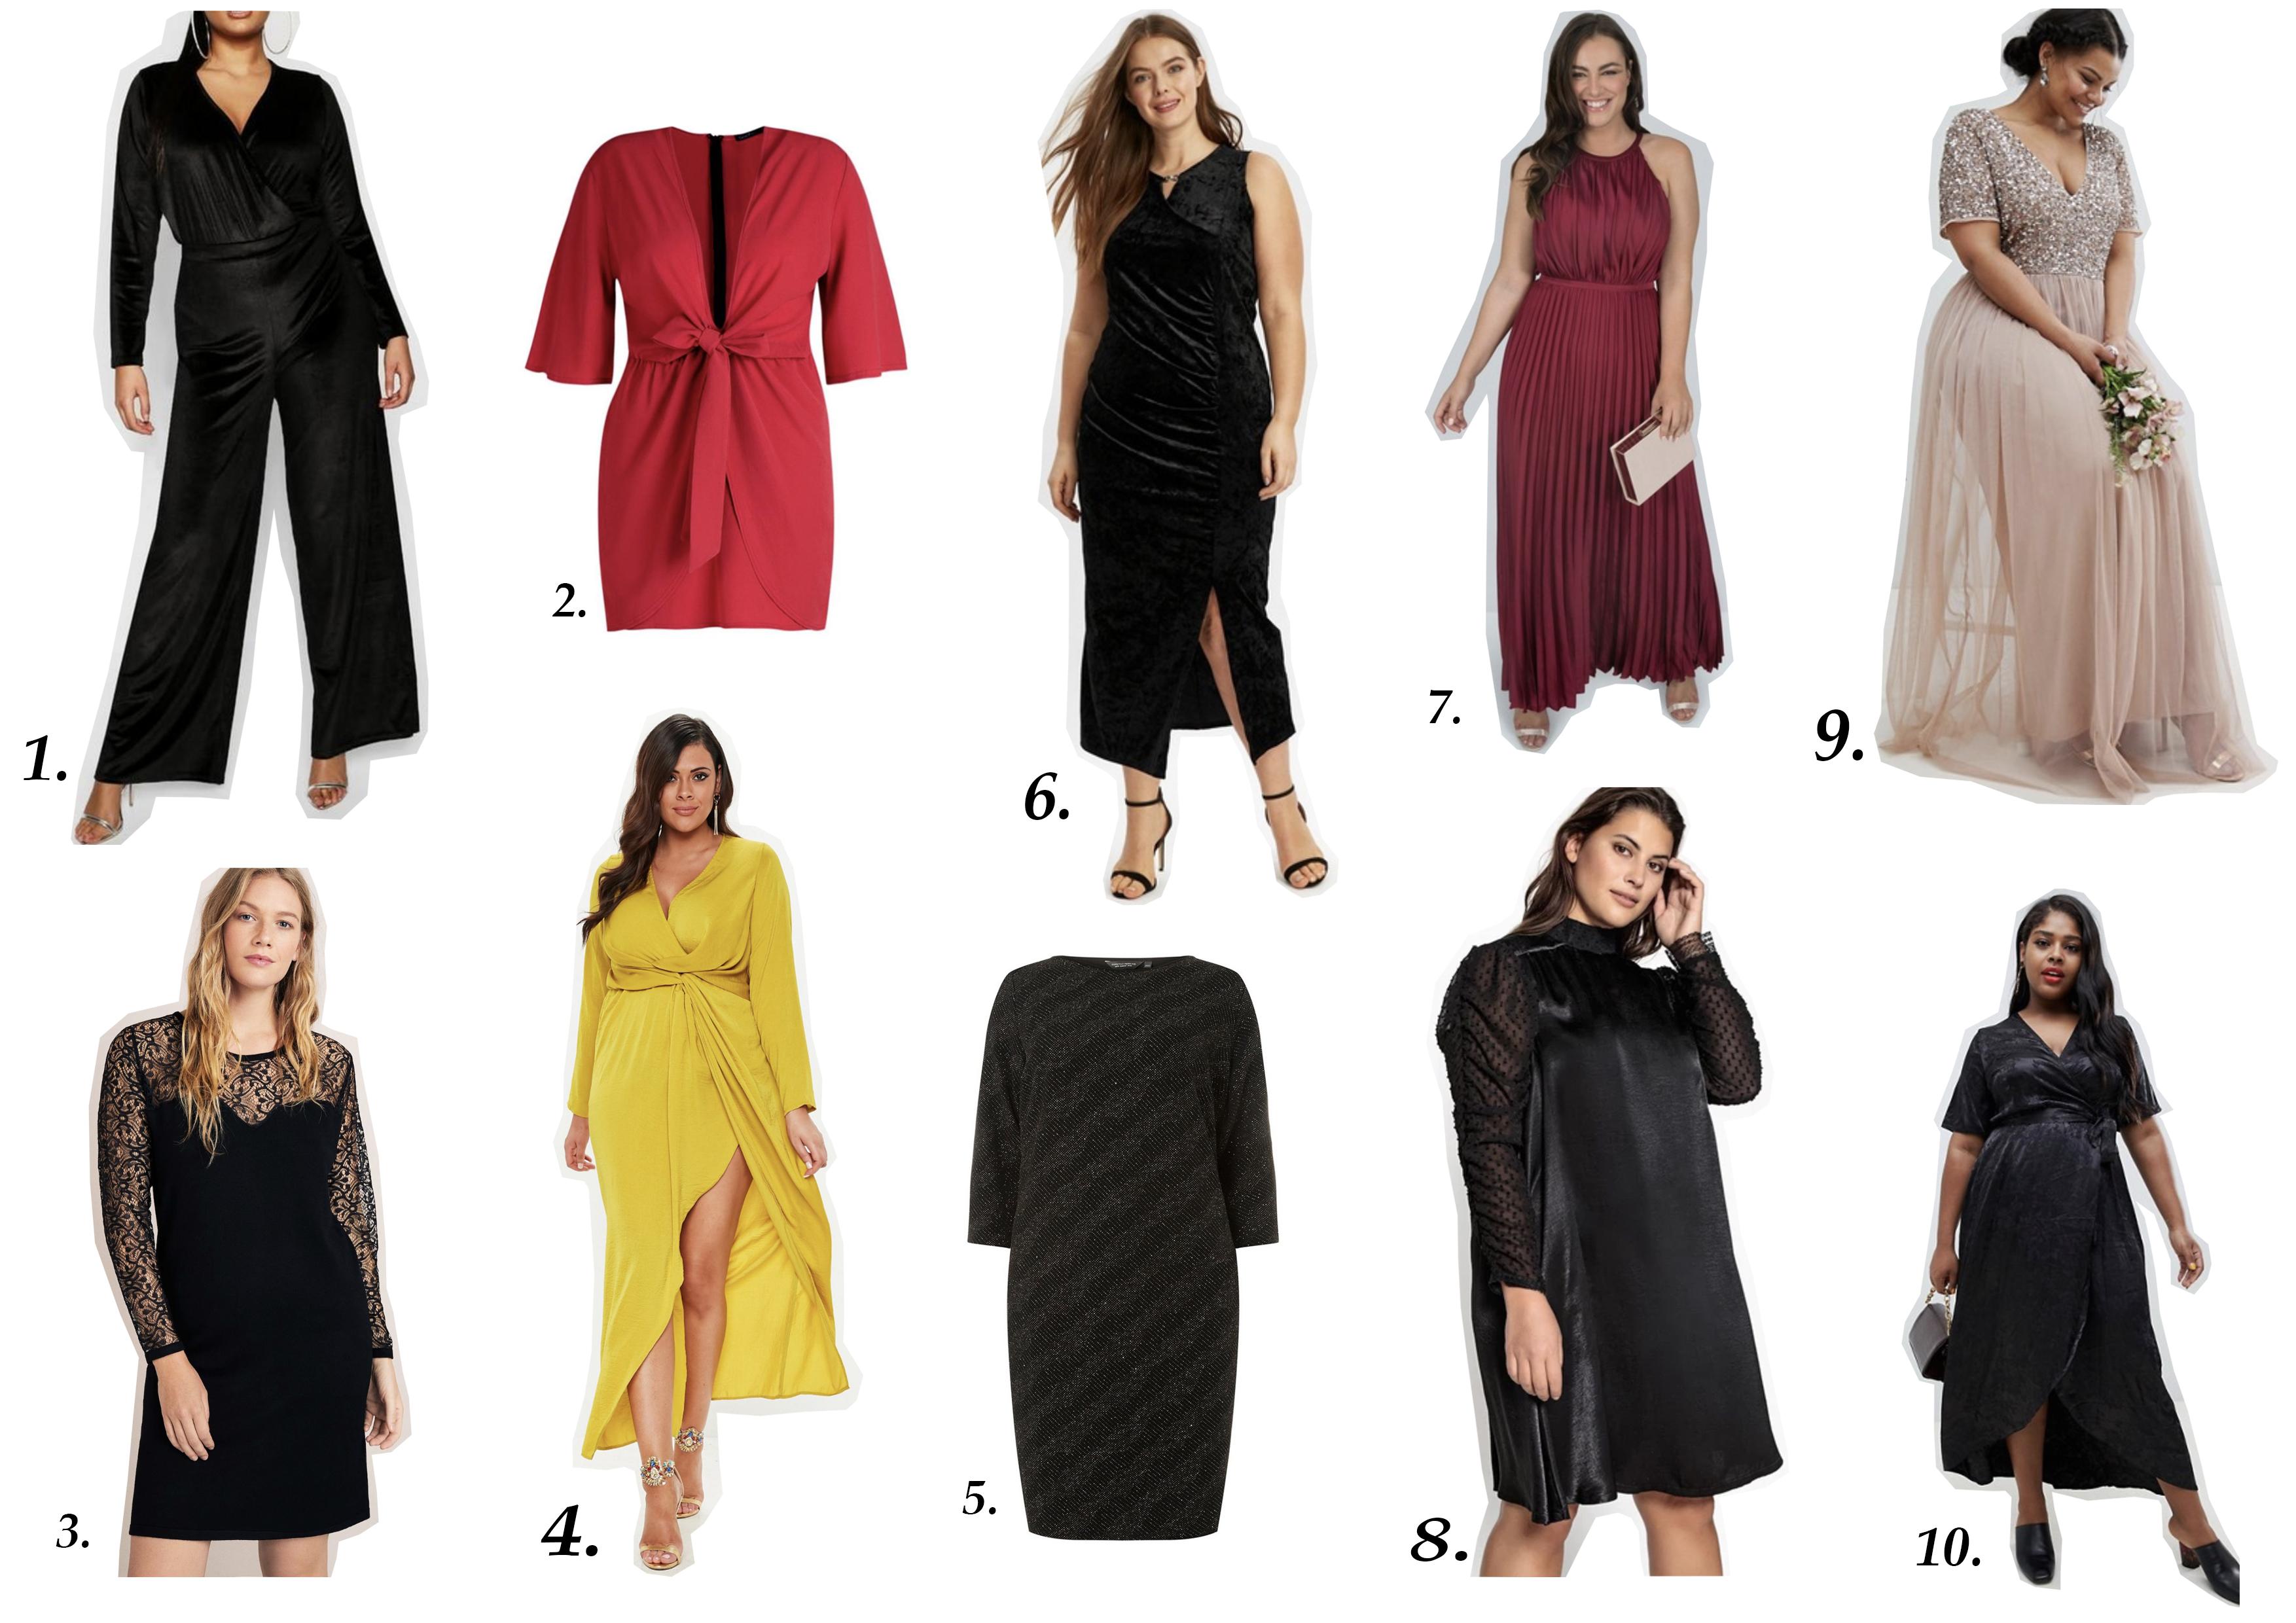 10 robes pour les fetes le blog mode de st phanie zwicky. Black Bedroom Furniture Sets. Home Design Ideas